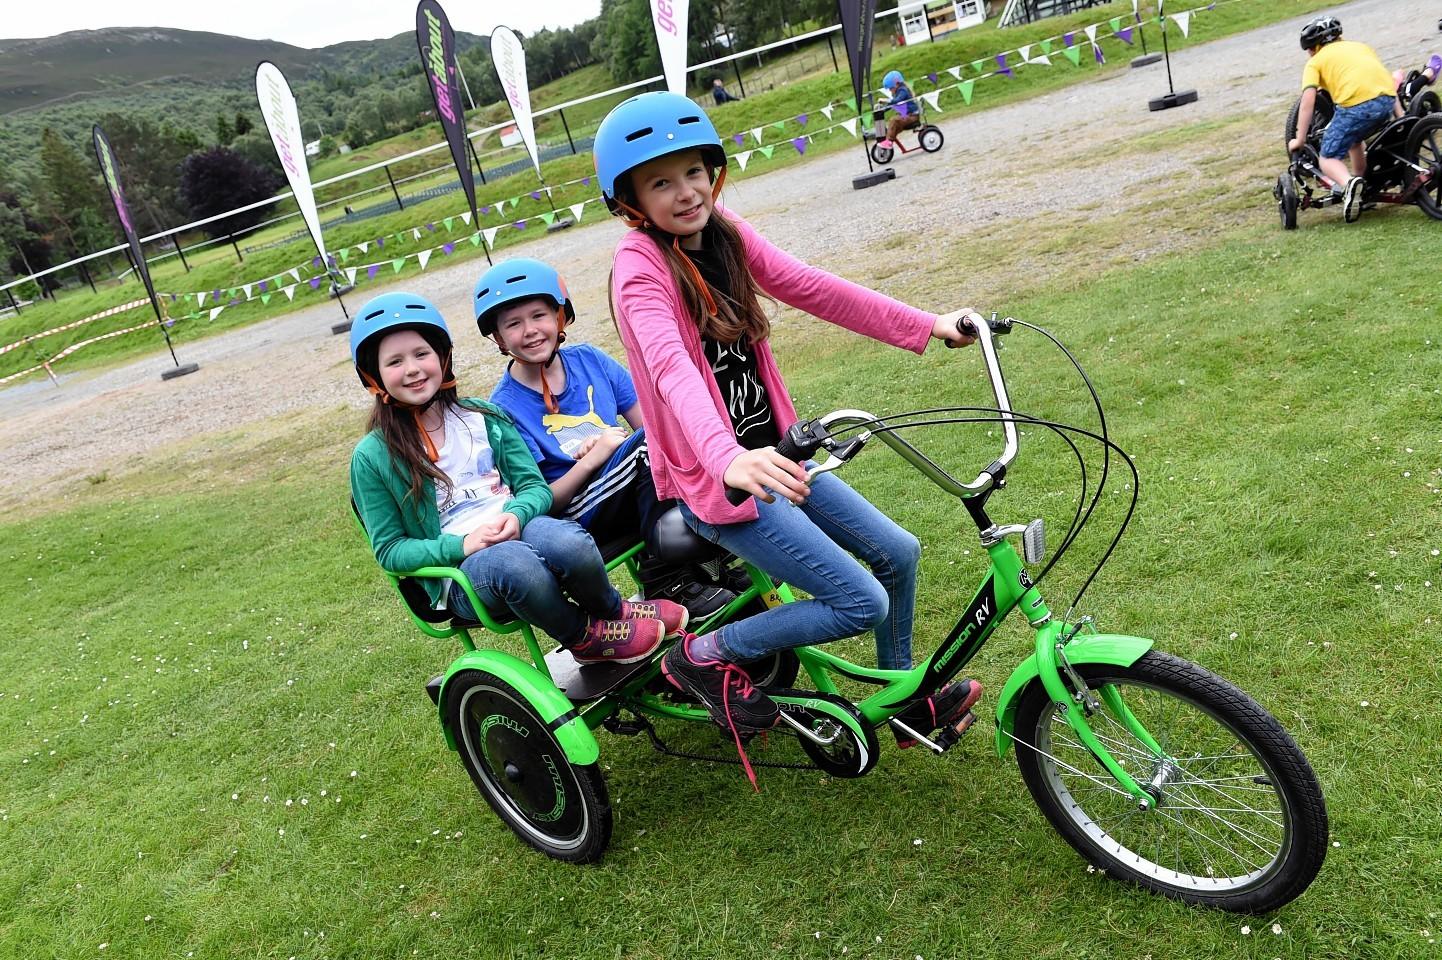 Family Fun Day at the Princess Royal and Duke of Fife Memorial Park Braemar.